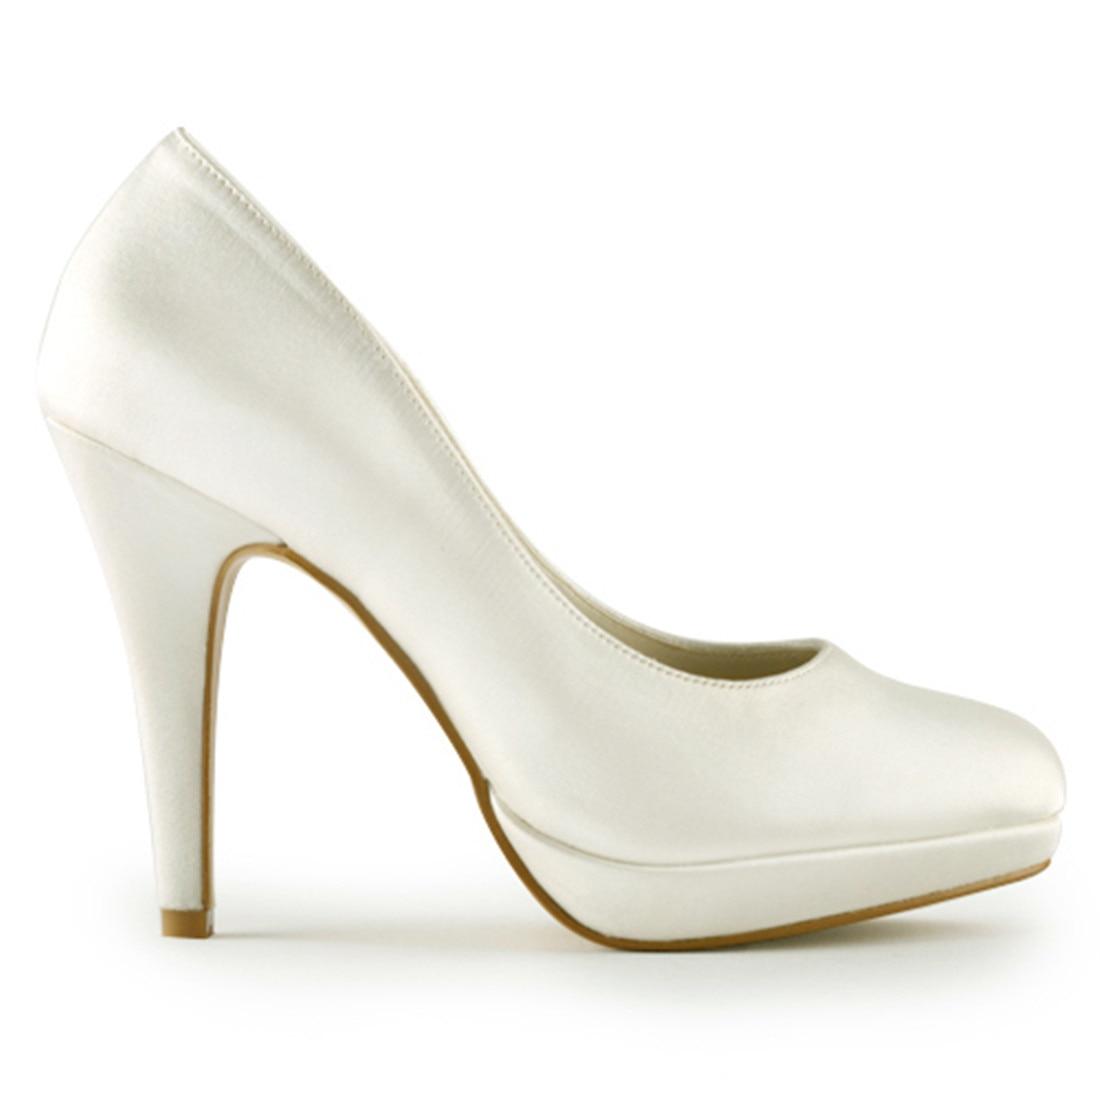 Élégant mince talons hauts mariée demoiselle d'honneur ivoire blanc Champagne plate forme pompes luxe Satin mariage chaussures Uninnova 521 1 LY - 4